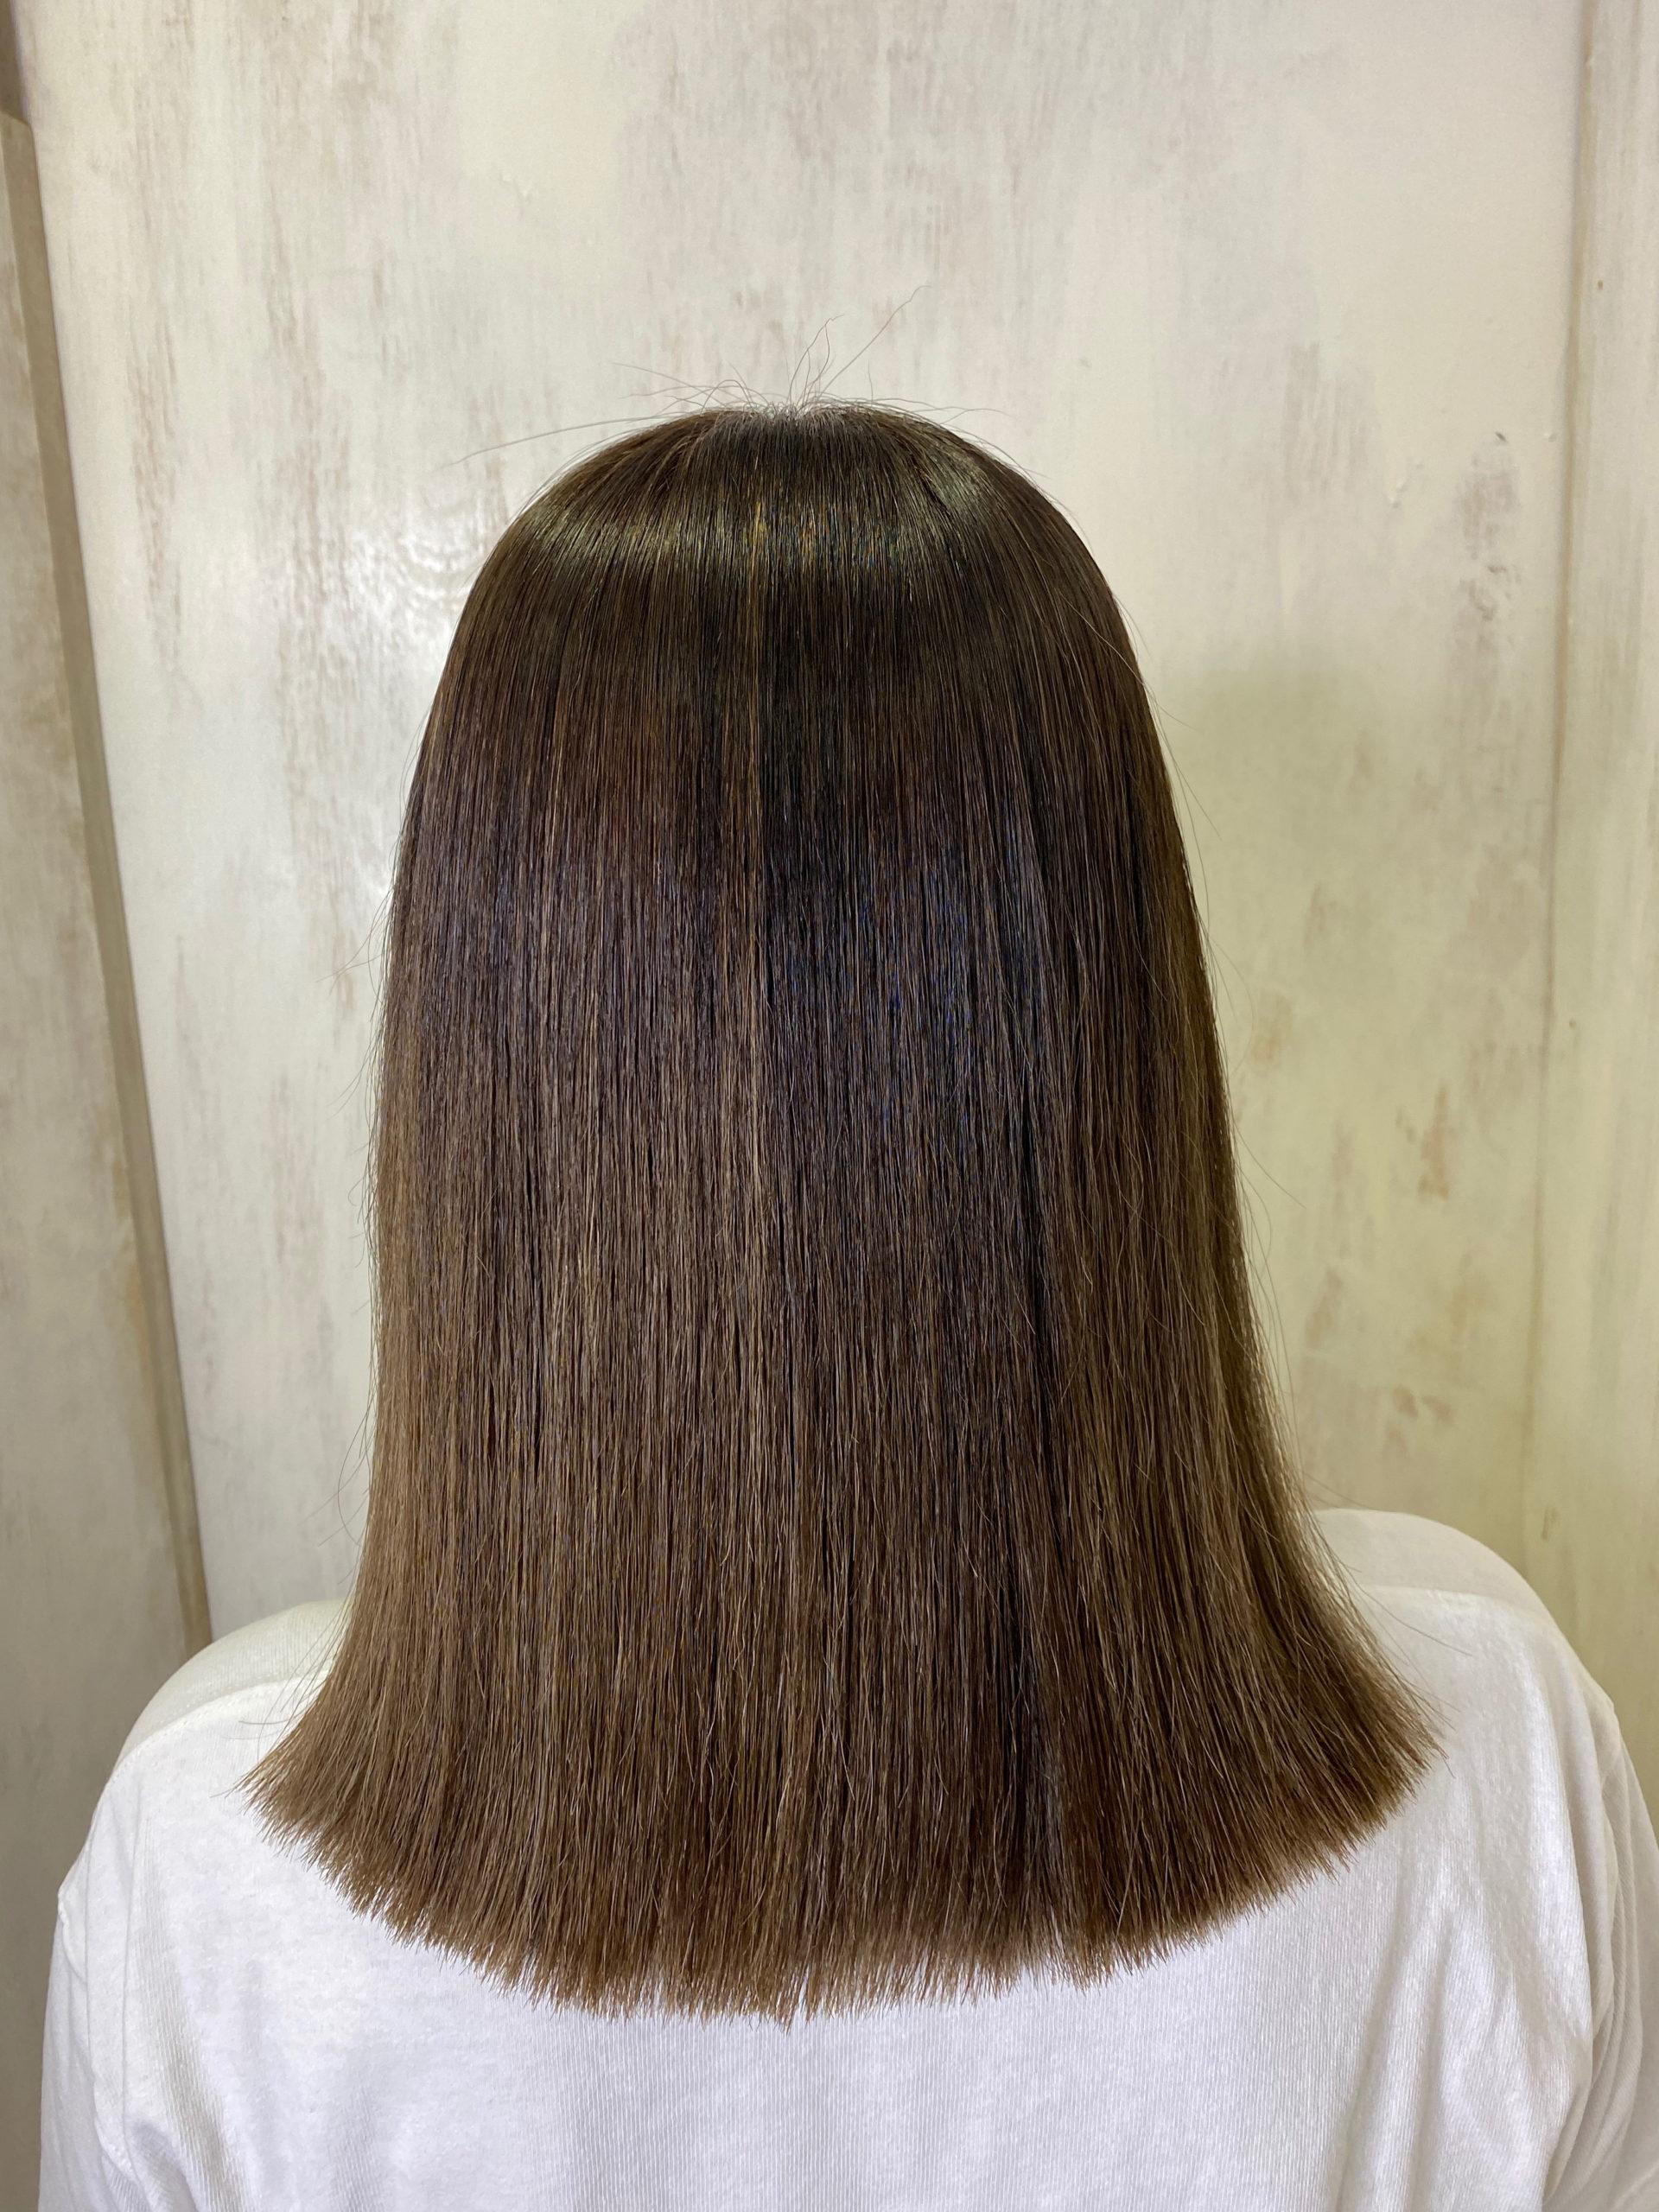 バレイヤージュカラー(ブリーチ)の方を縮毛矯正で艶髪ストレートヘア。原宿・表参道『髪のお悩みを解決するヘアケア美容師の挑戦』